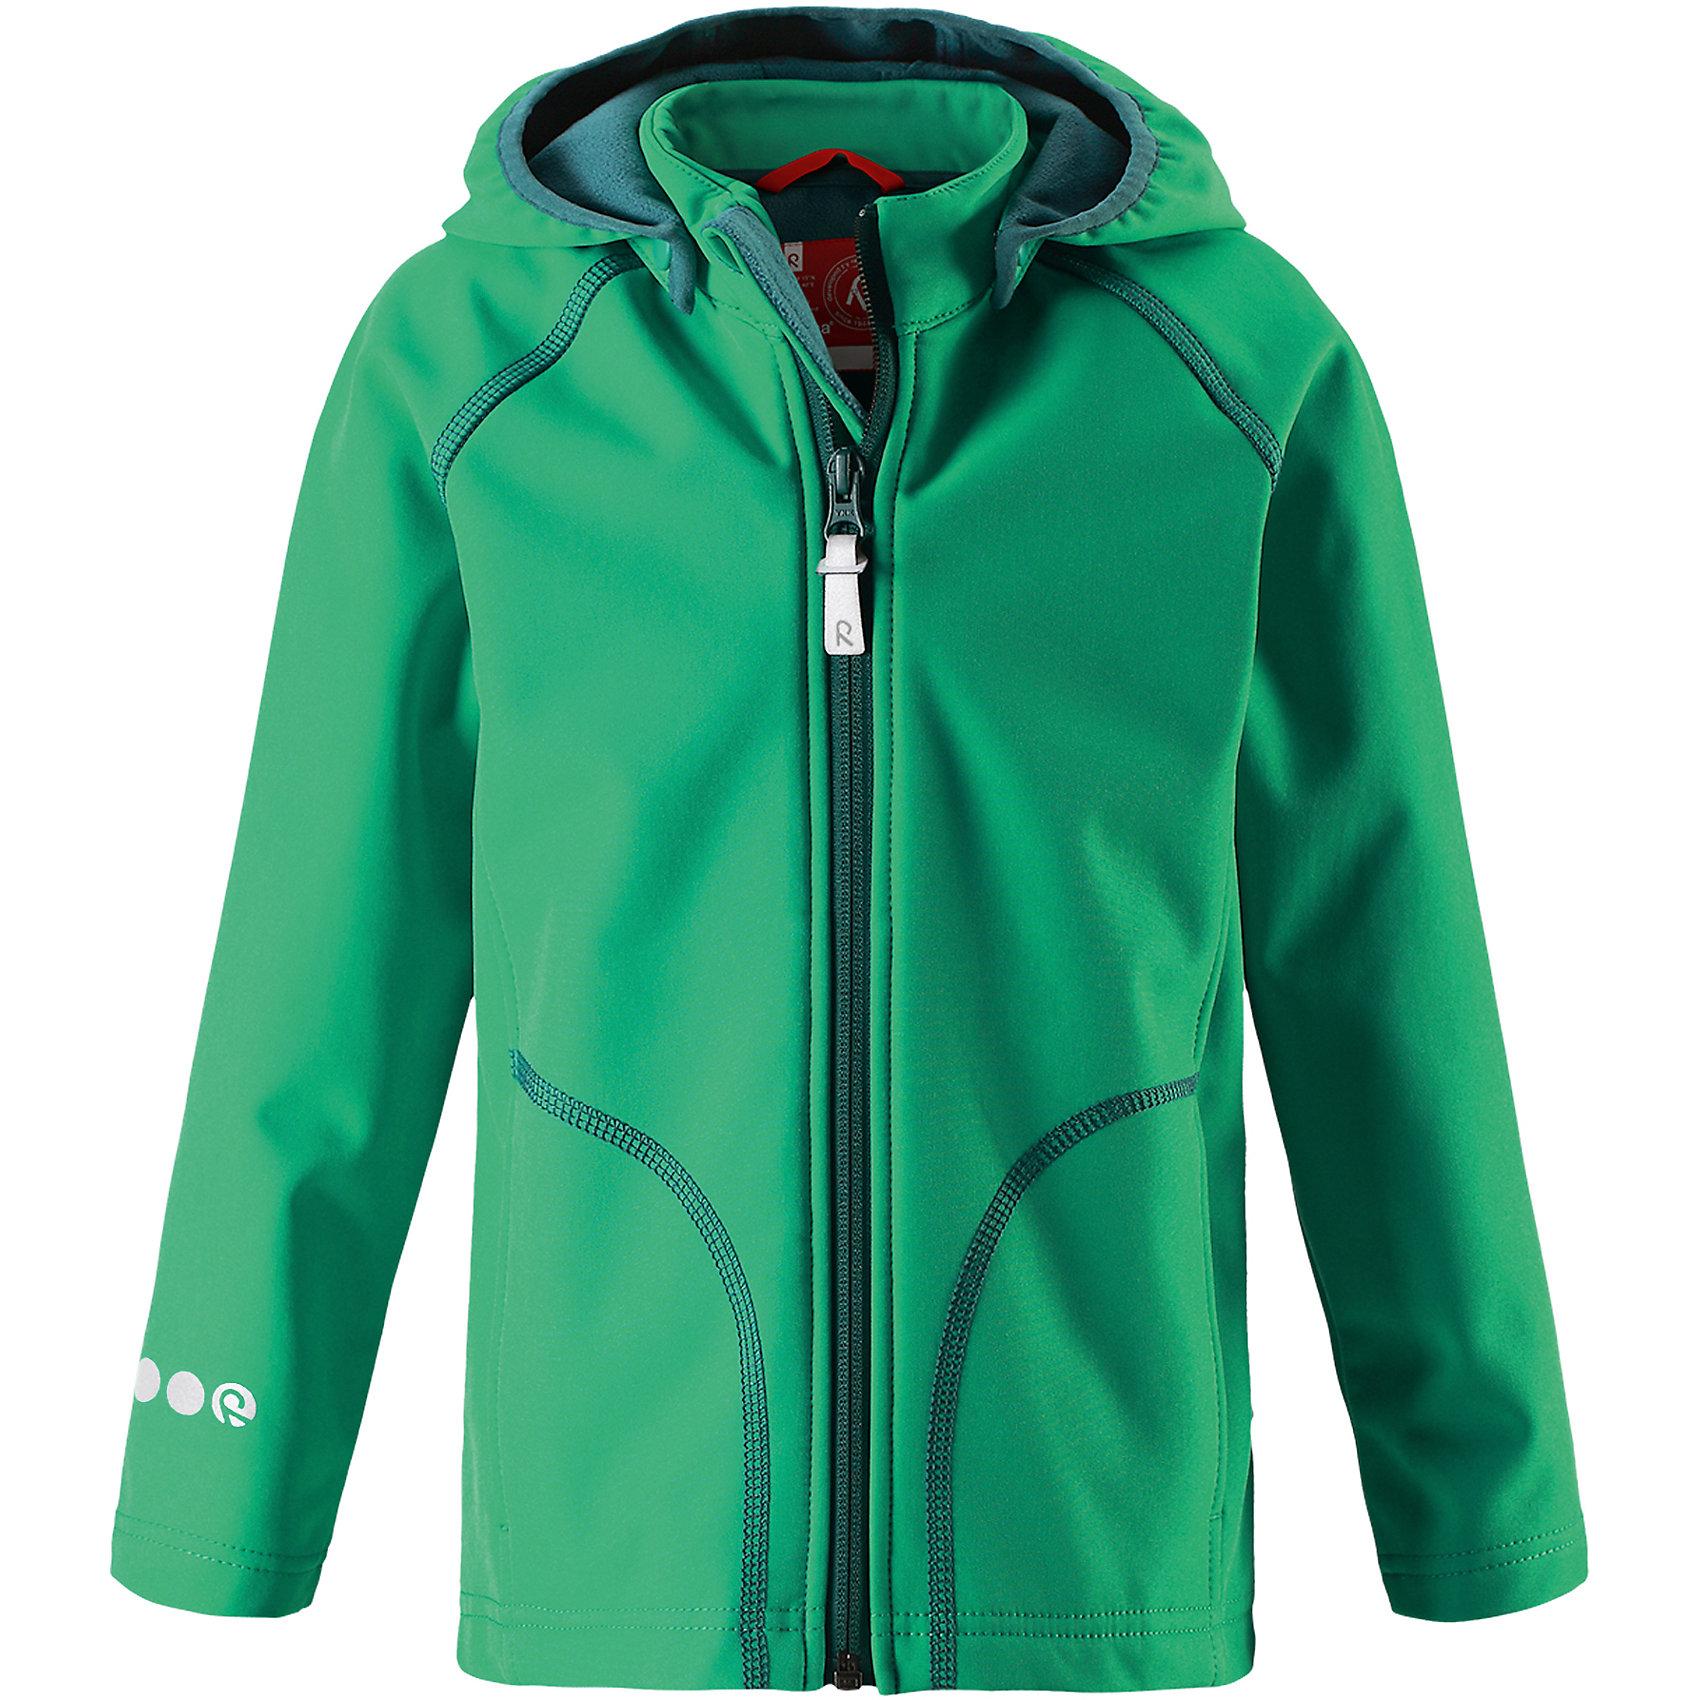 Куртка Vanti ReimaОдежда<br>Характеристики товара:<br><br>• цвет: зеленый<br>• состав: 95% полиэстер, 5% эластан, полиуретановое покрытие<br>• температурный режим: от +5°до +15°С<br>• многослойный материал, с изнаночной стороны - флис<br>• водонепроницаемый материал softshell<br>• ветронепроницаемый дышащий материал<br>• безопасный съемный капюшон<br>• два боковых кармана<br>• без утеплителя<br>• молния<br>• комфортная посадка<br>• страна производства: Китай<br>• страна бренда: Финляндия<br>• коллекция: весна-лето 2017<br><br>Верхняя одежда для детей может быть модной и комфортной одновременно! Демисезонная куртка поможет обеспечить ребенку комфорт и тепло. Она отлично смотрится с различной одеждой и обувью. Изделие удобно сидит и модно выглядит. Материал - прочный, хорошо подходящий для межсезонья. Стильный дизайн разрабатывался специально для детей.<br><br>Одежда и обувь от финского бренда Reima пользуется популярностью во многих странах. Эти изделия стильные, качественные и удобные. Для производства продукции используются только безопасные, проверенные материалы и фурнитура. Порадуйте ребенка модными и красивыми вещами от Reima! <br><br>Куртку Reimatec® от финского бренда Reima (Рейма) можно купить в нашем интернет-магазине.<br><br>Ширина мм: 356<br>Глубина мм: 10<br>Высота мм: 245<br>Вес г: 519<br>Цвет: зеленый<br>Возраст от месяцев: 84<br>Возраст до месяцев: 96<br>Пол: Унисекс<br>Возраст: Детский<br>Размер: 128,140,104,110,116,122,134<br>SKU: 5268498